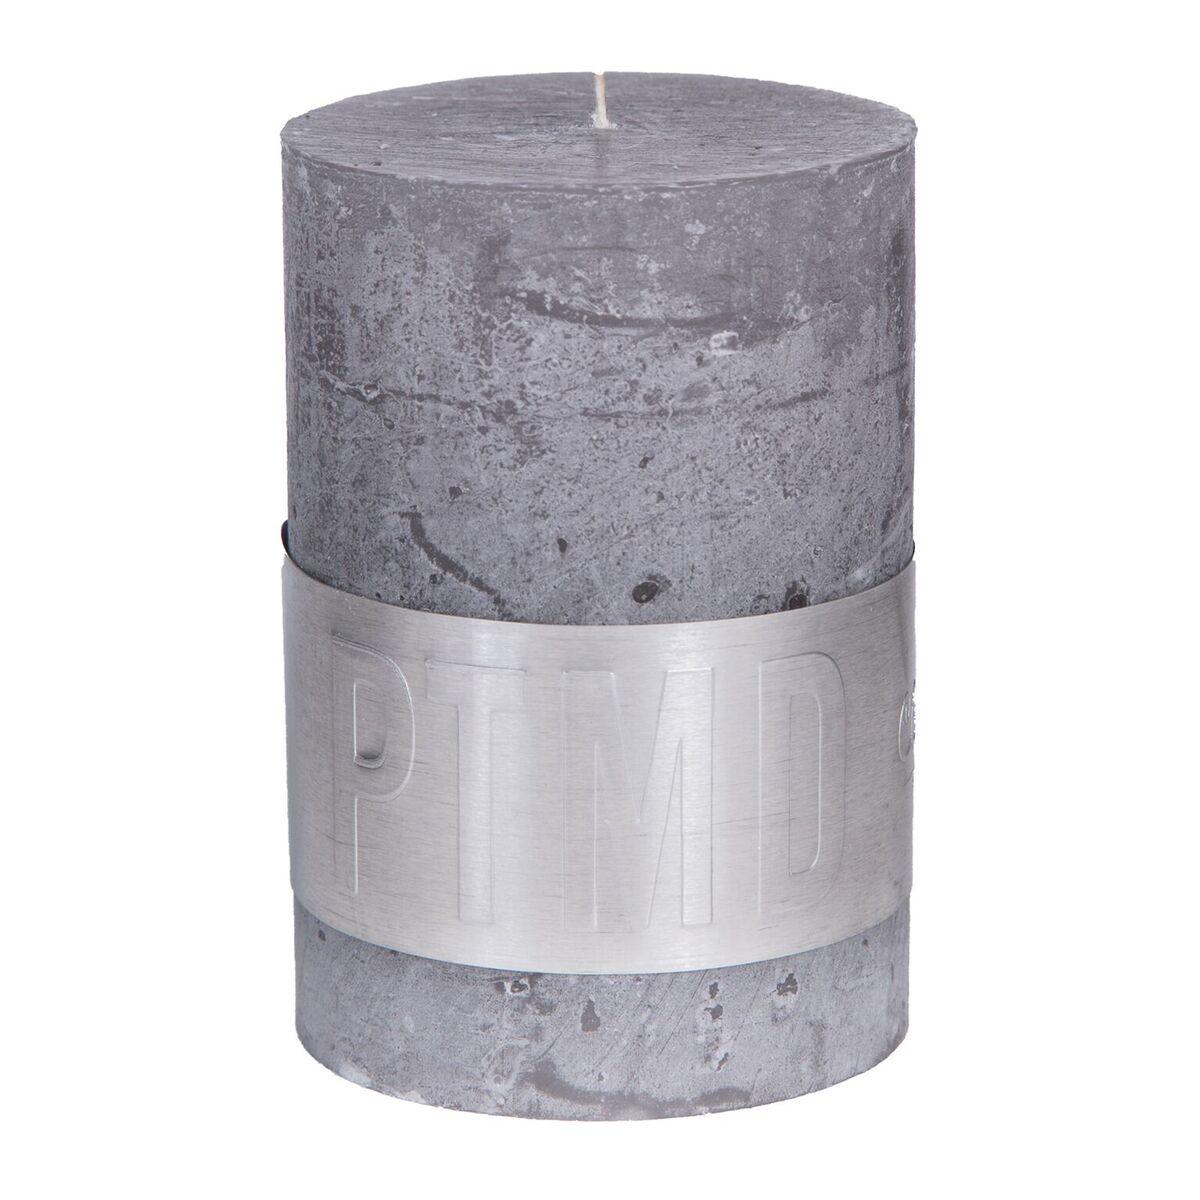 PTMD Kaars suede grey 10x7cm